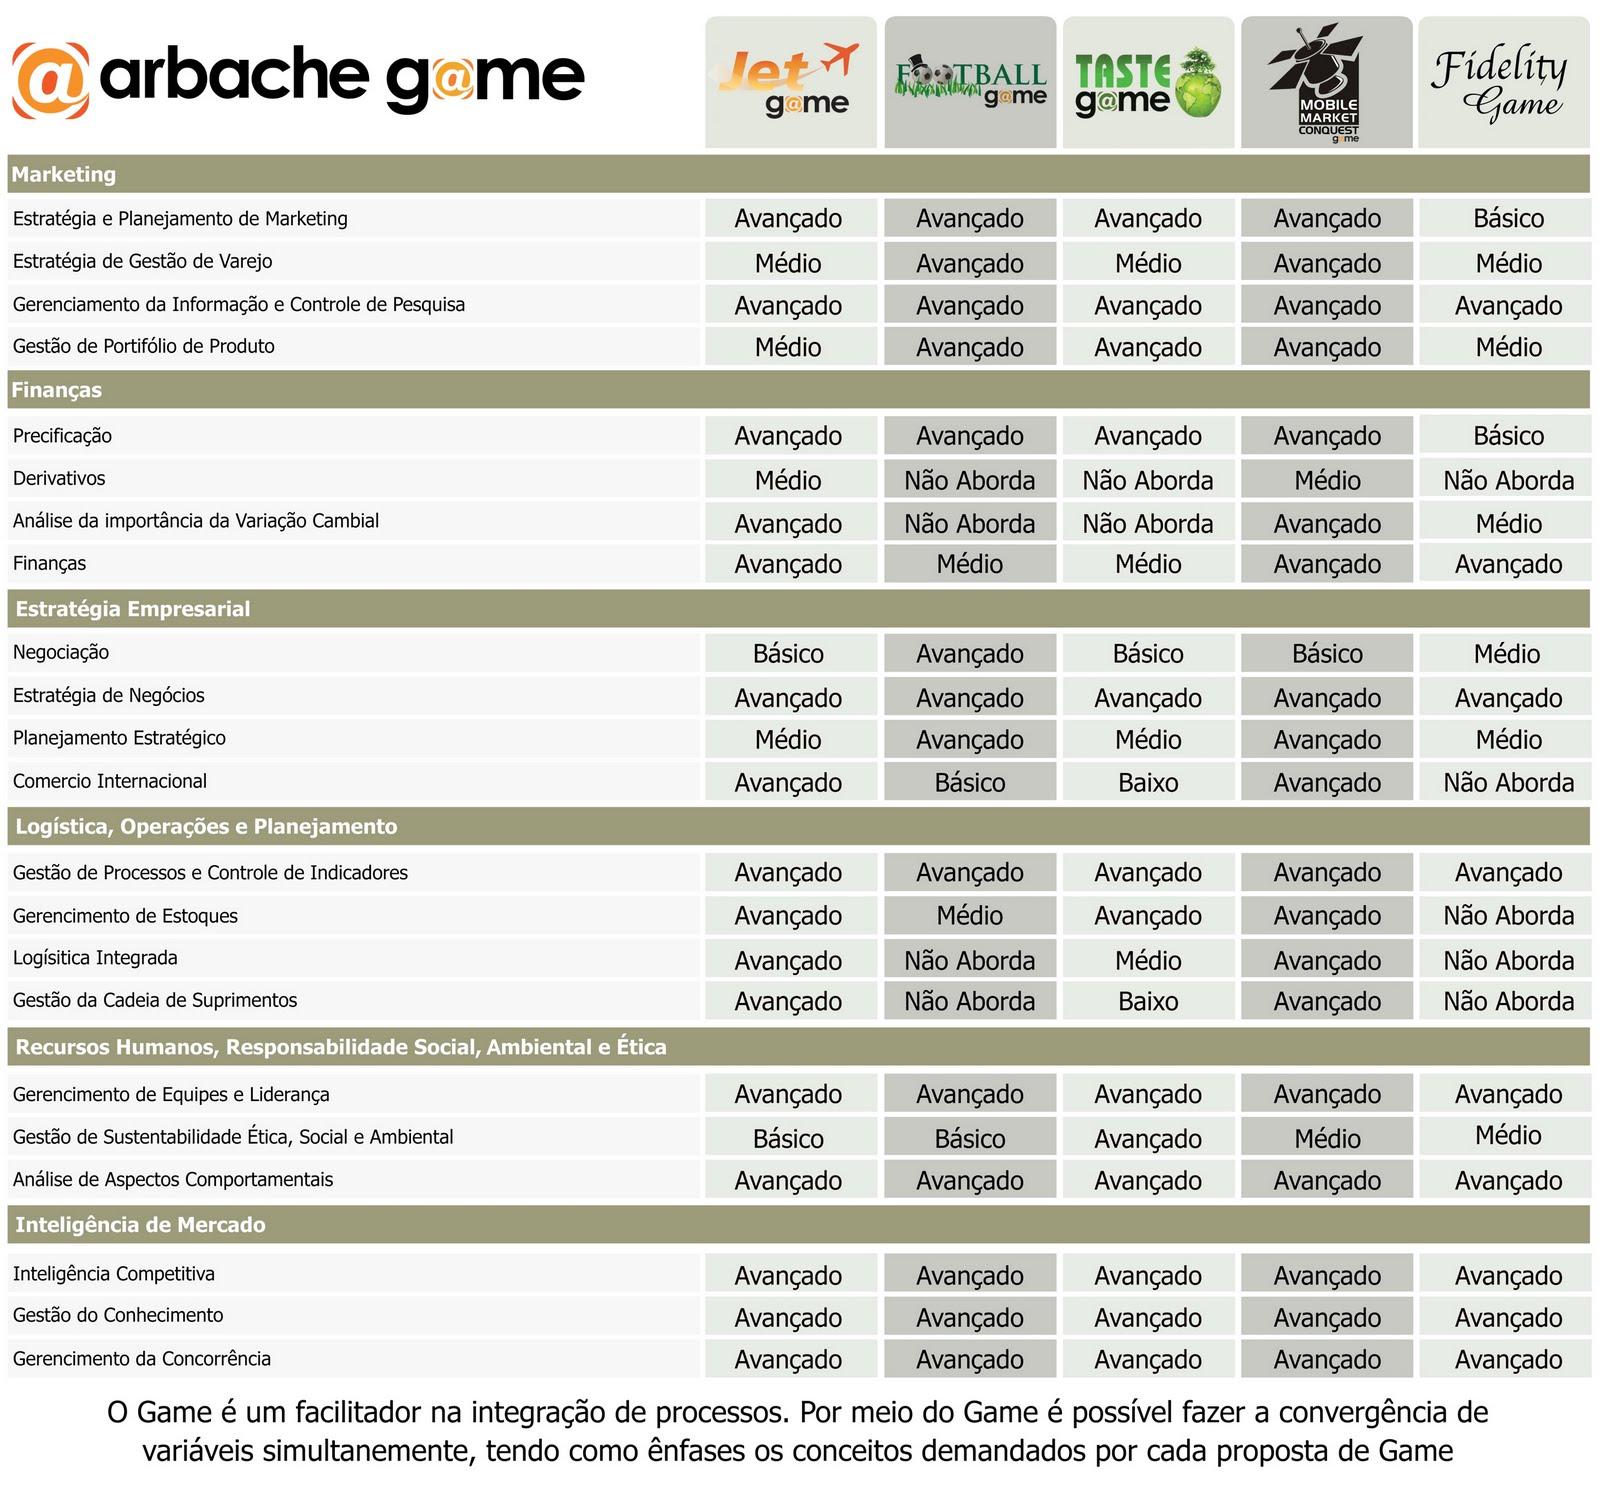 Placar, Jogos de Negócio, Tabela